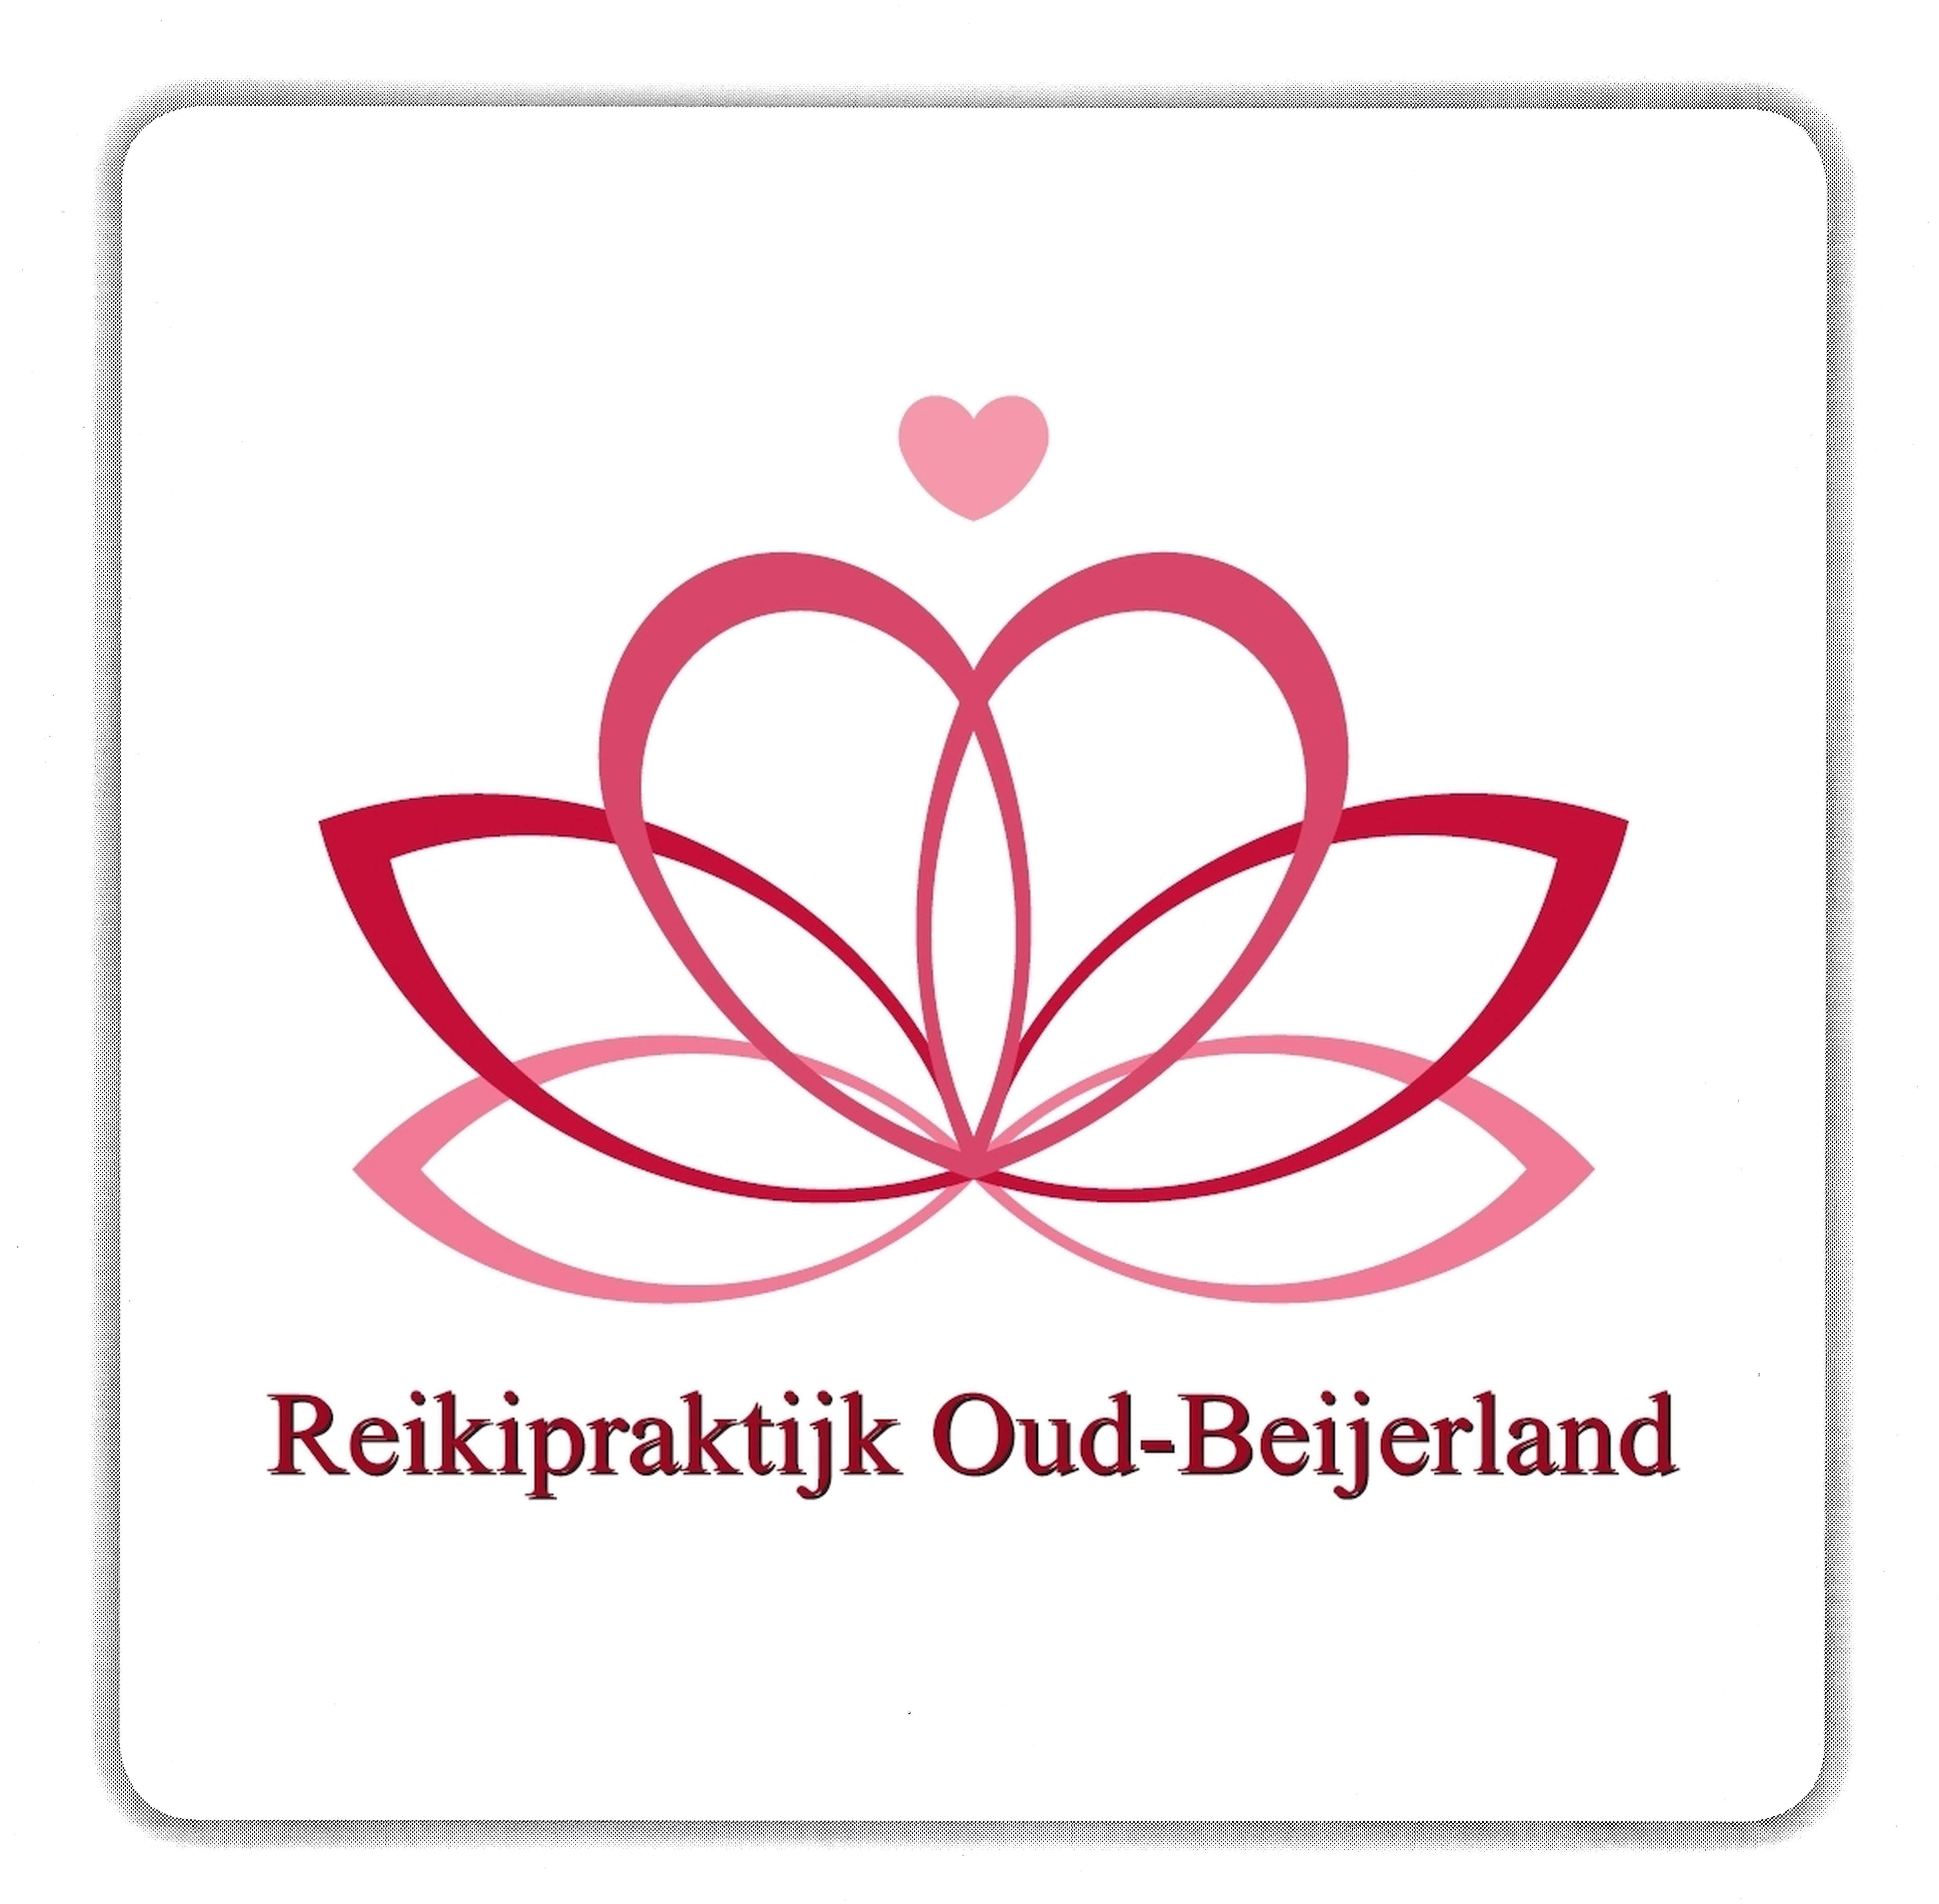 Reikipraktijk Oud-Beijerland